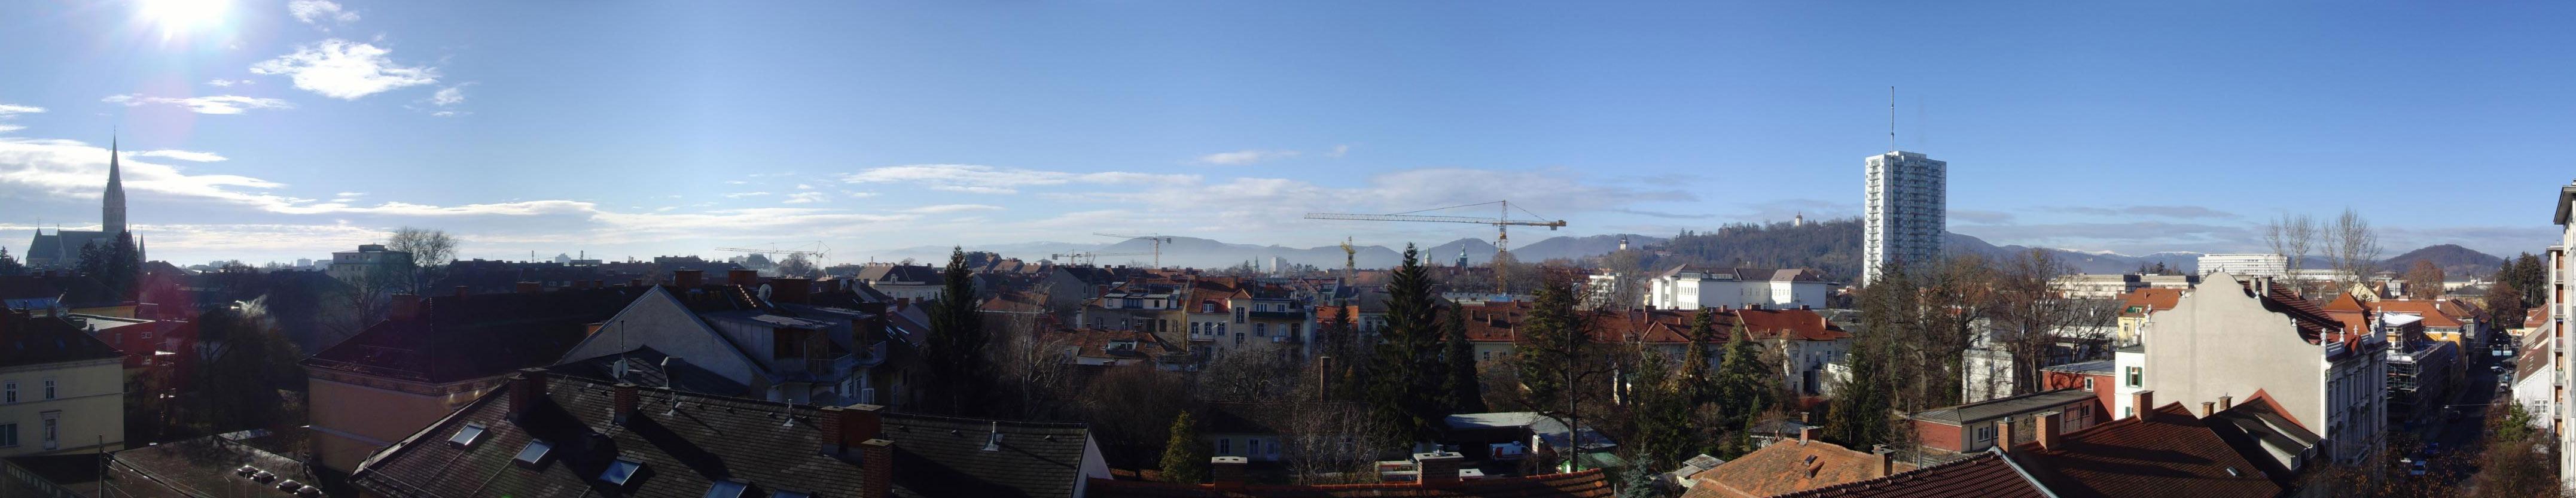 Panorama von St. Leonhard in Richtung Altstadt